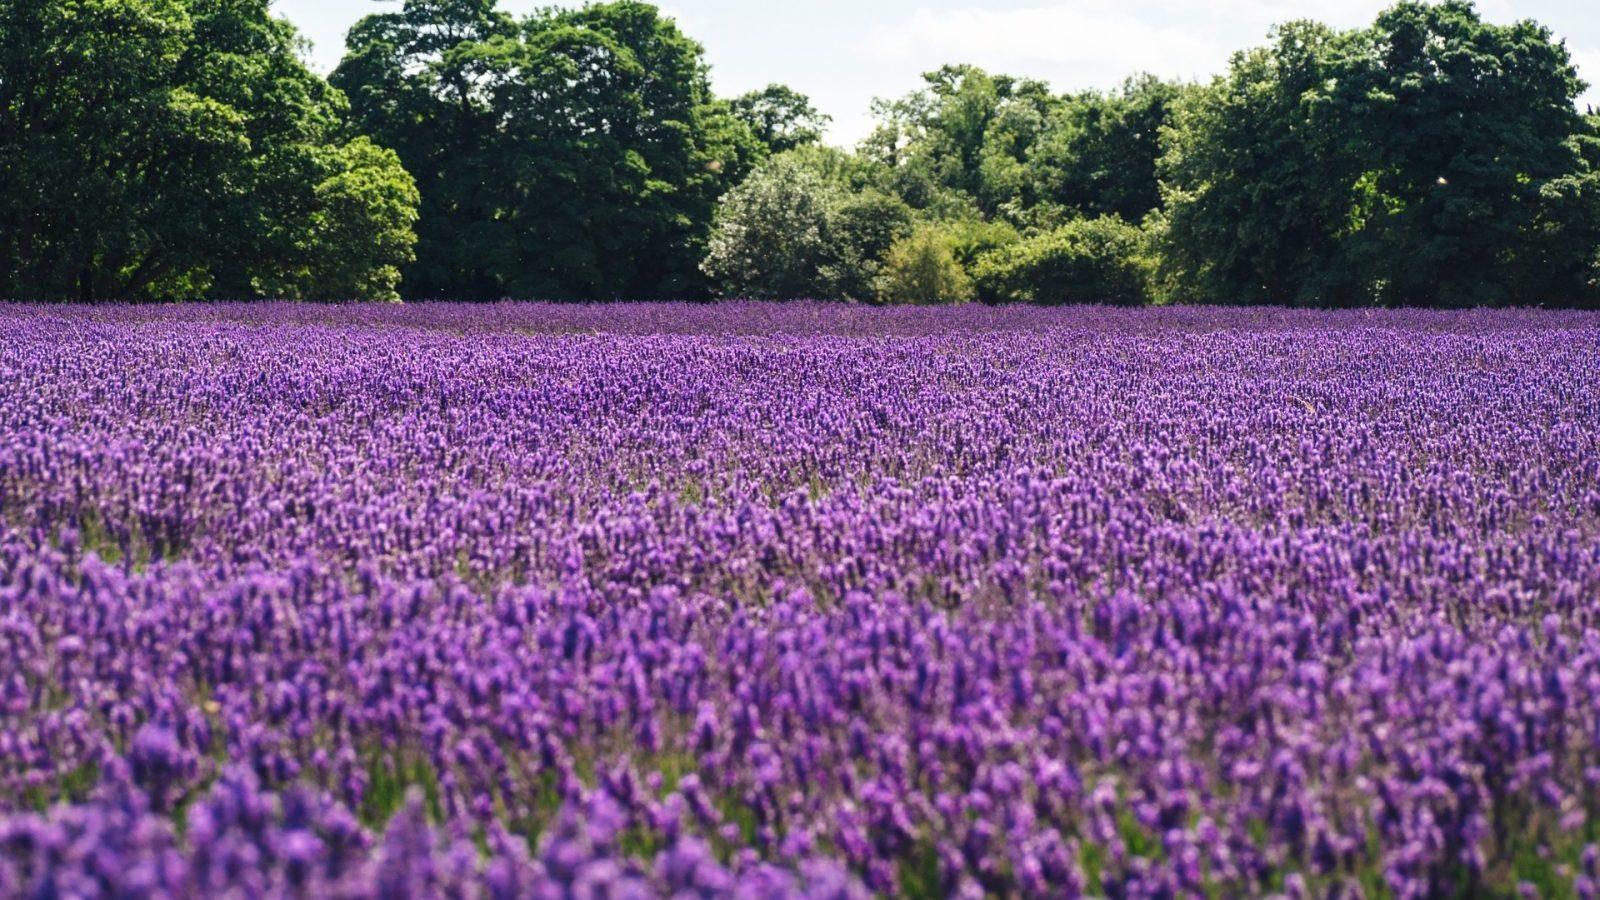 La fioritura dei campi di lavanda in Lombardia Milanodabere.it